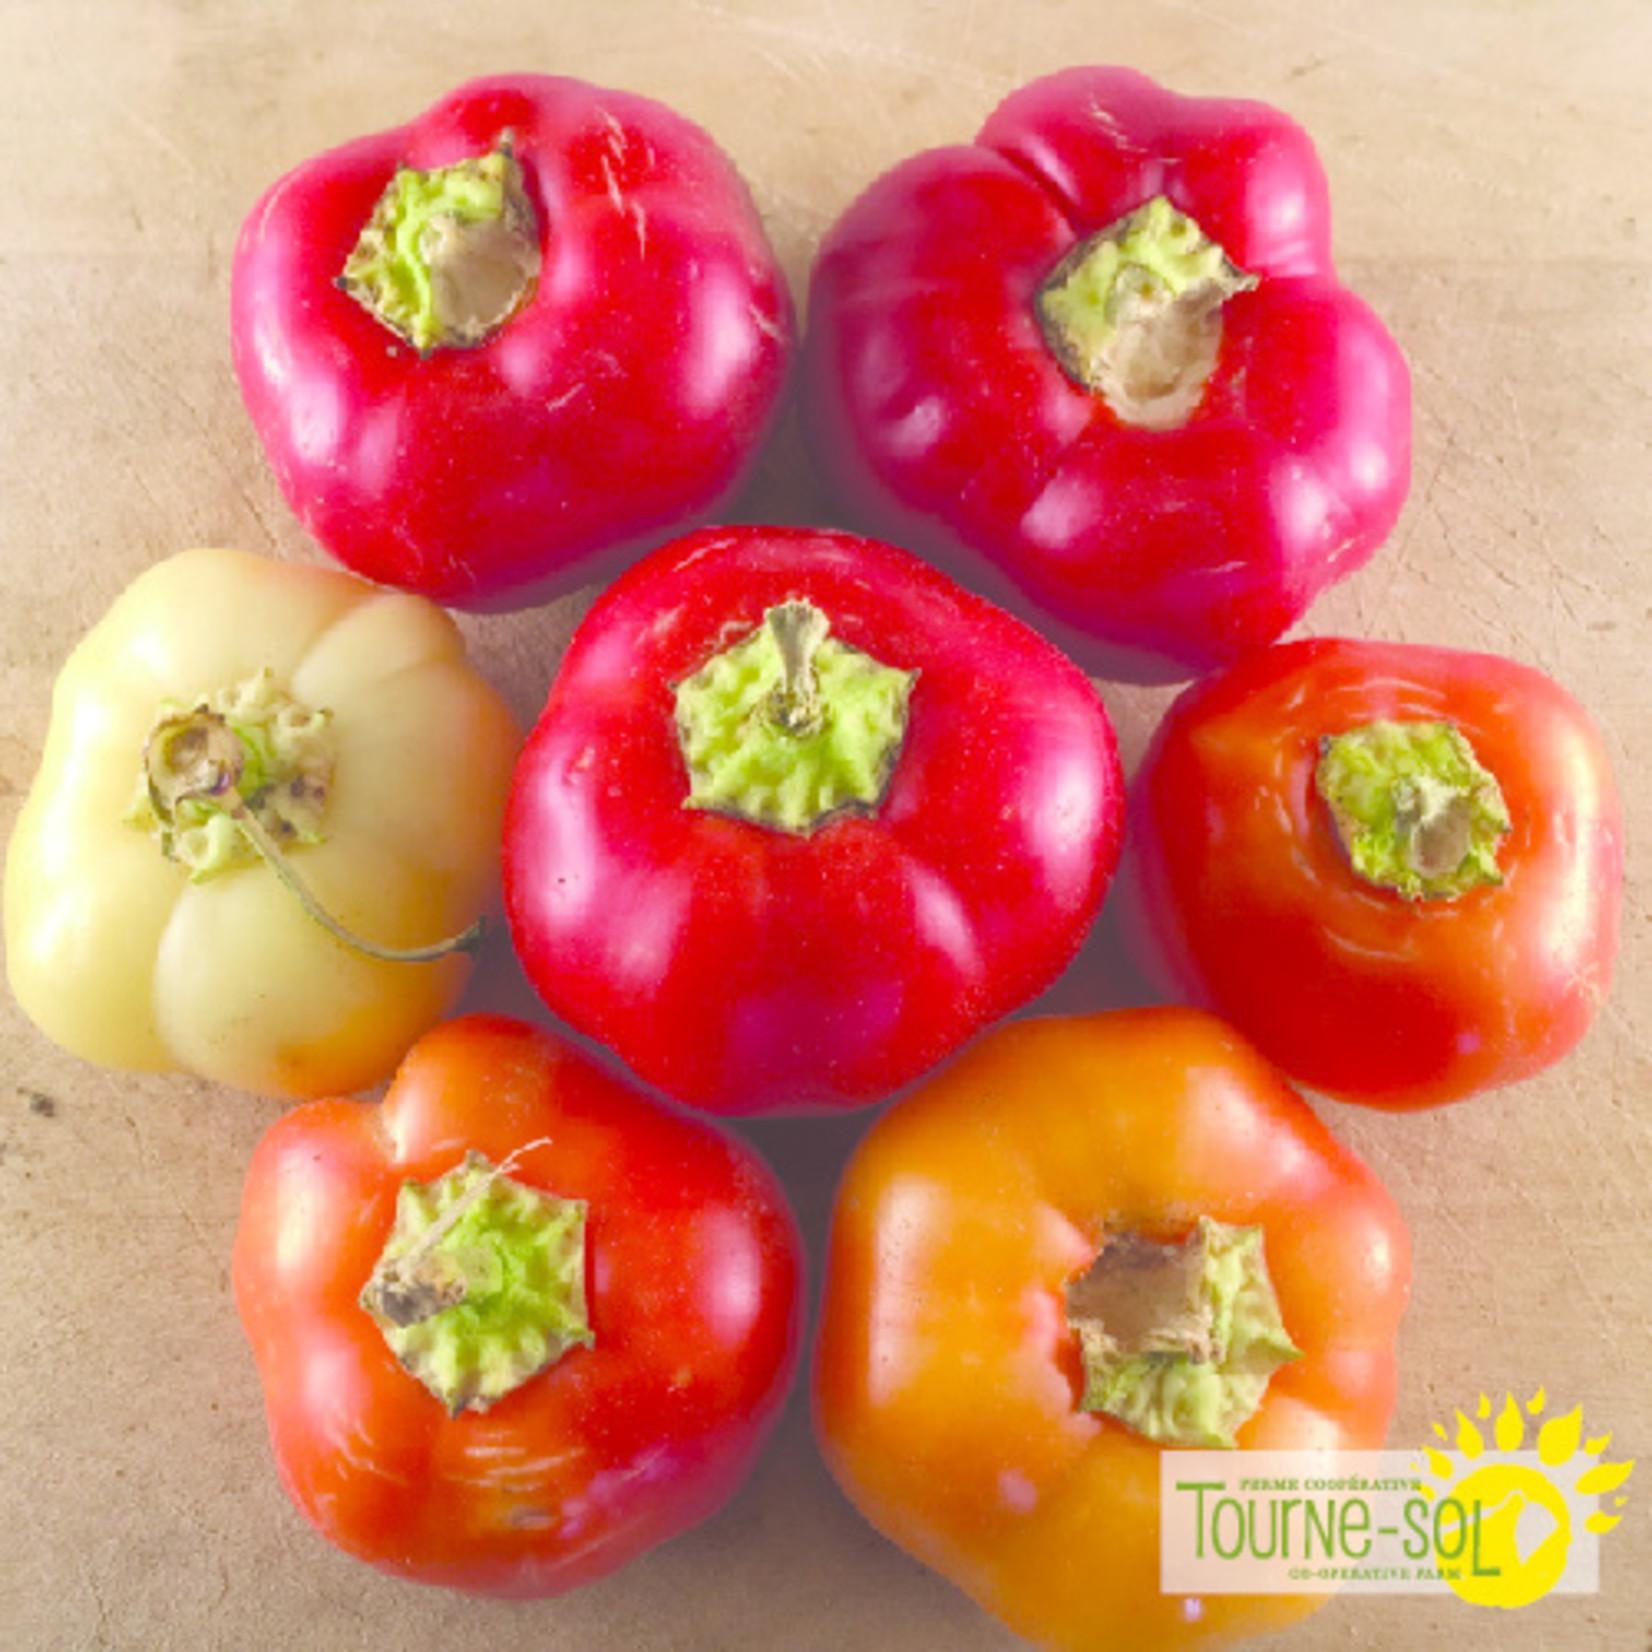 Tourne-Sol Alma Paprika hot pepper